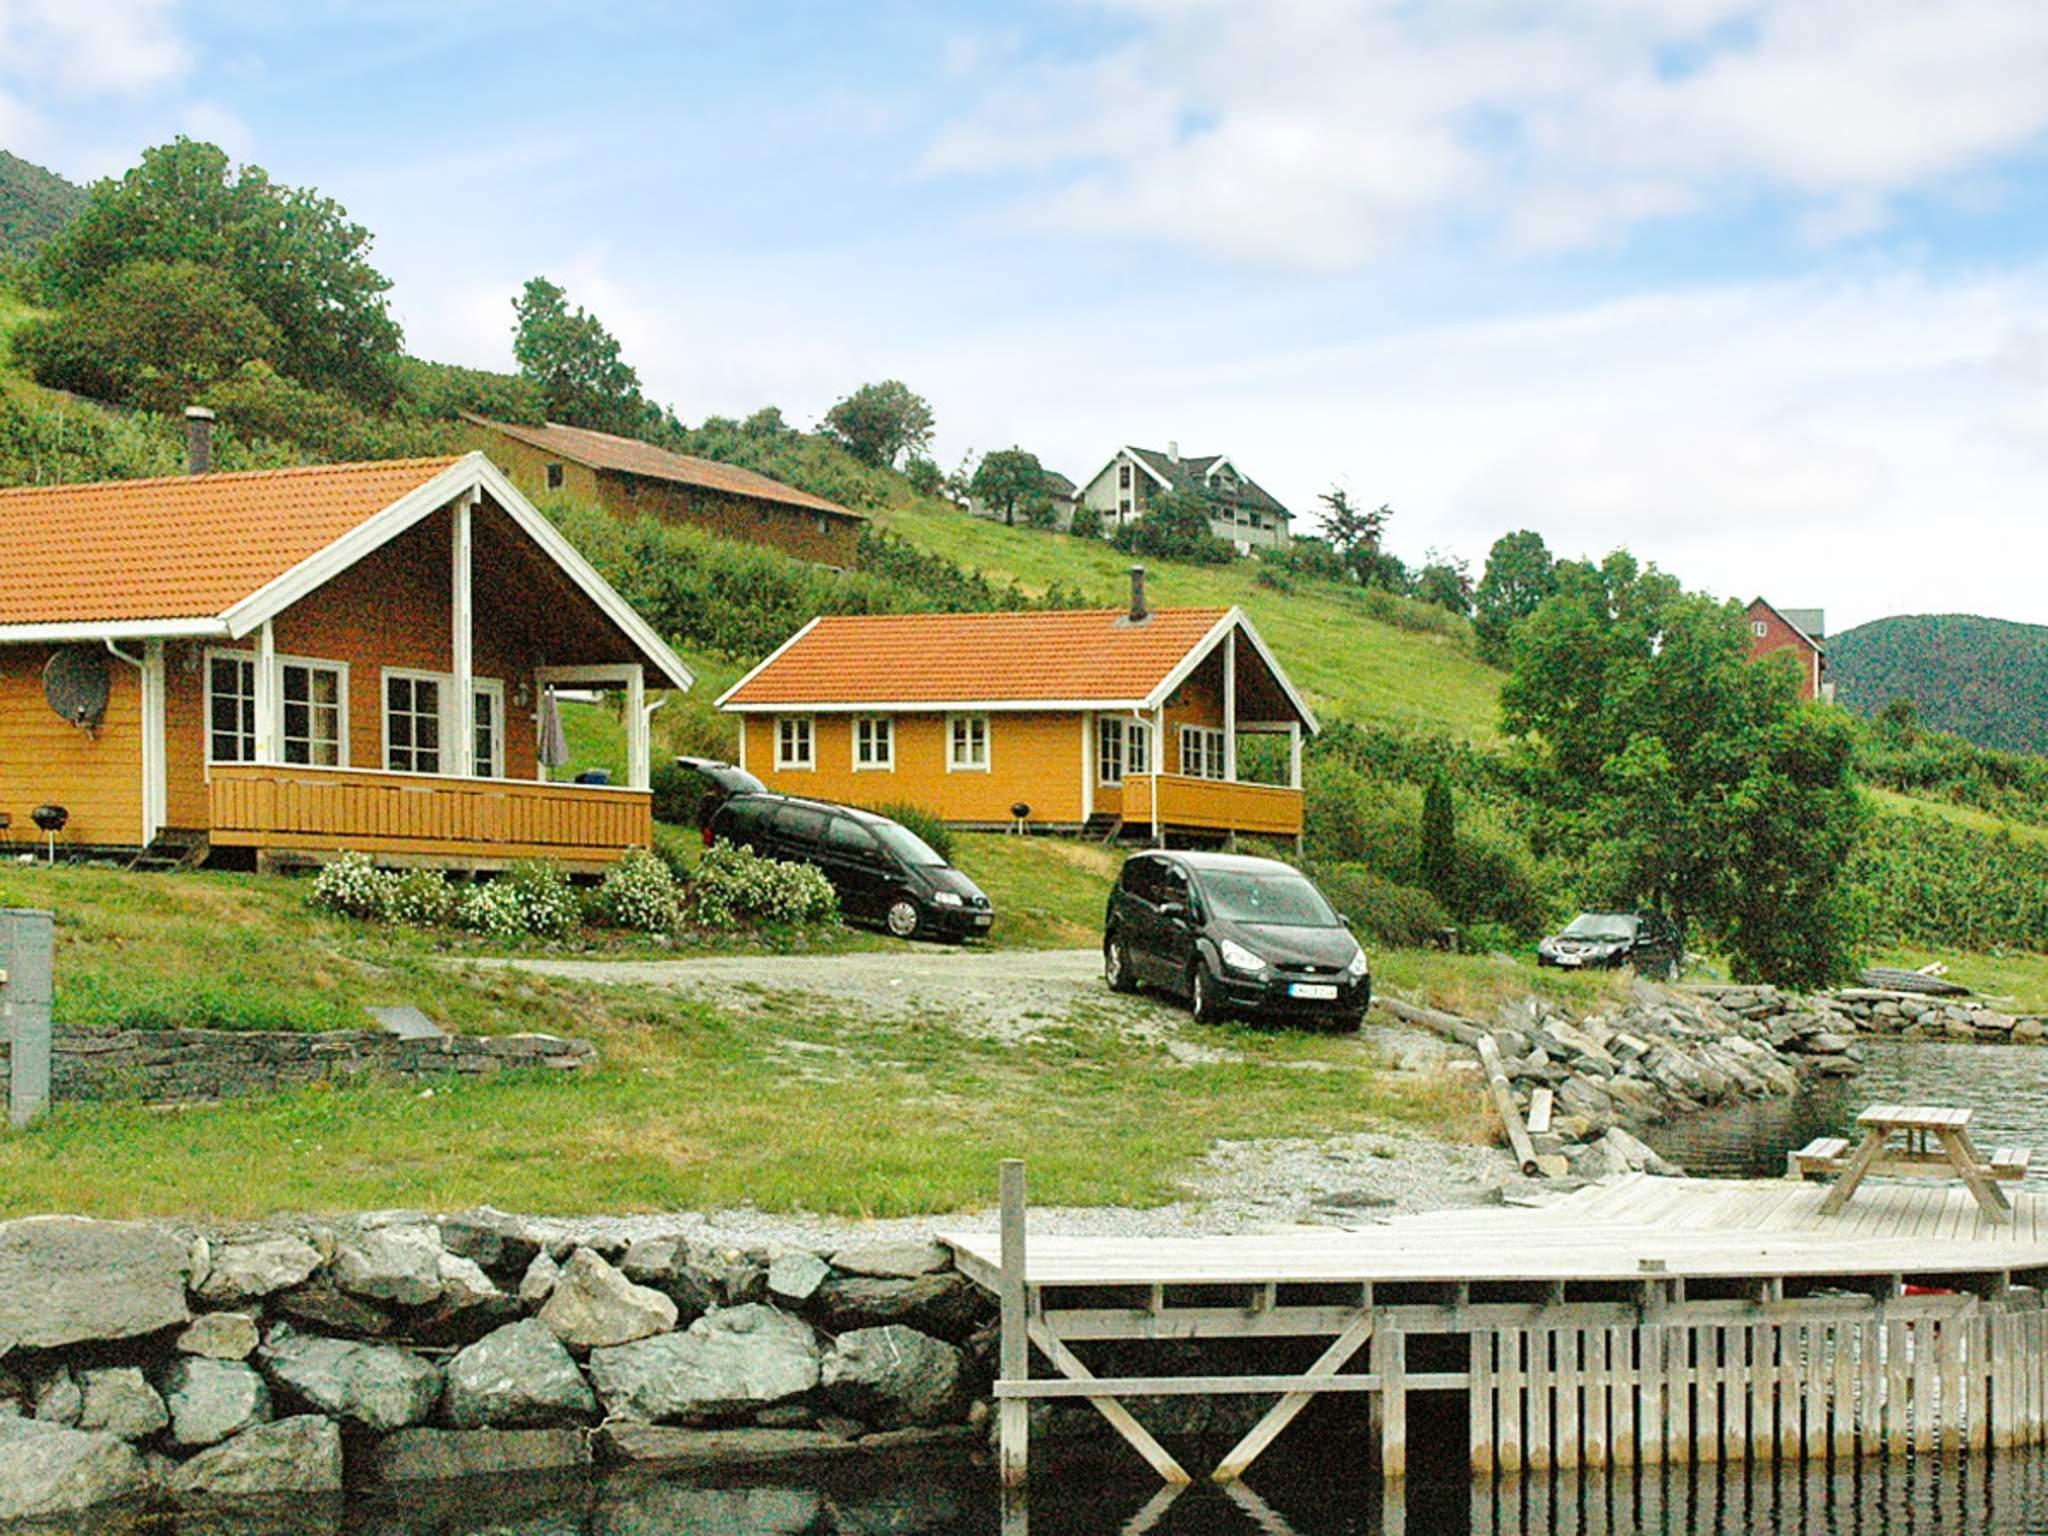 Ferienhaus Slinde (82397), Slinde, Sognefjord - Nordfjord, Westnorwegen, Norwegen, Bild 17